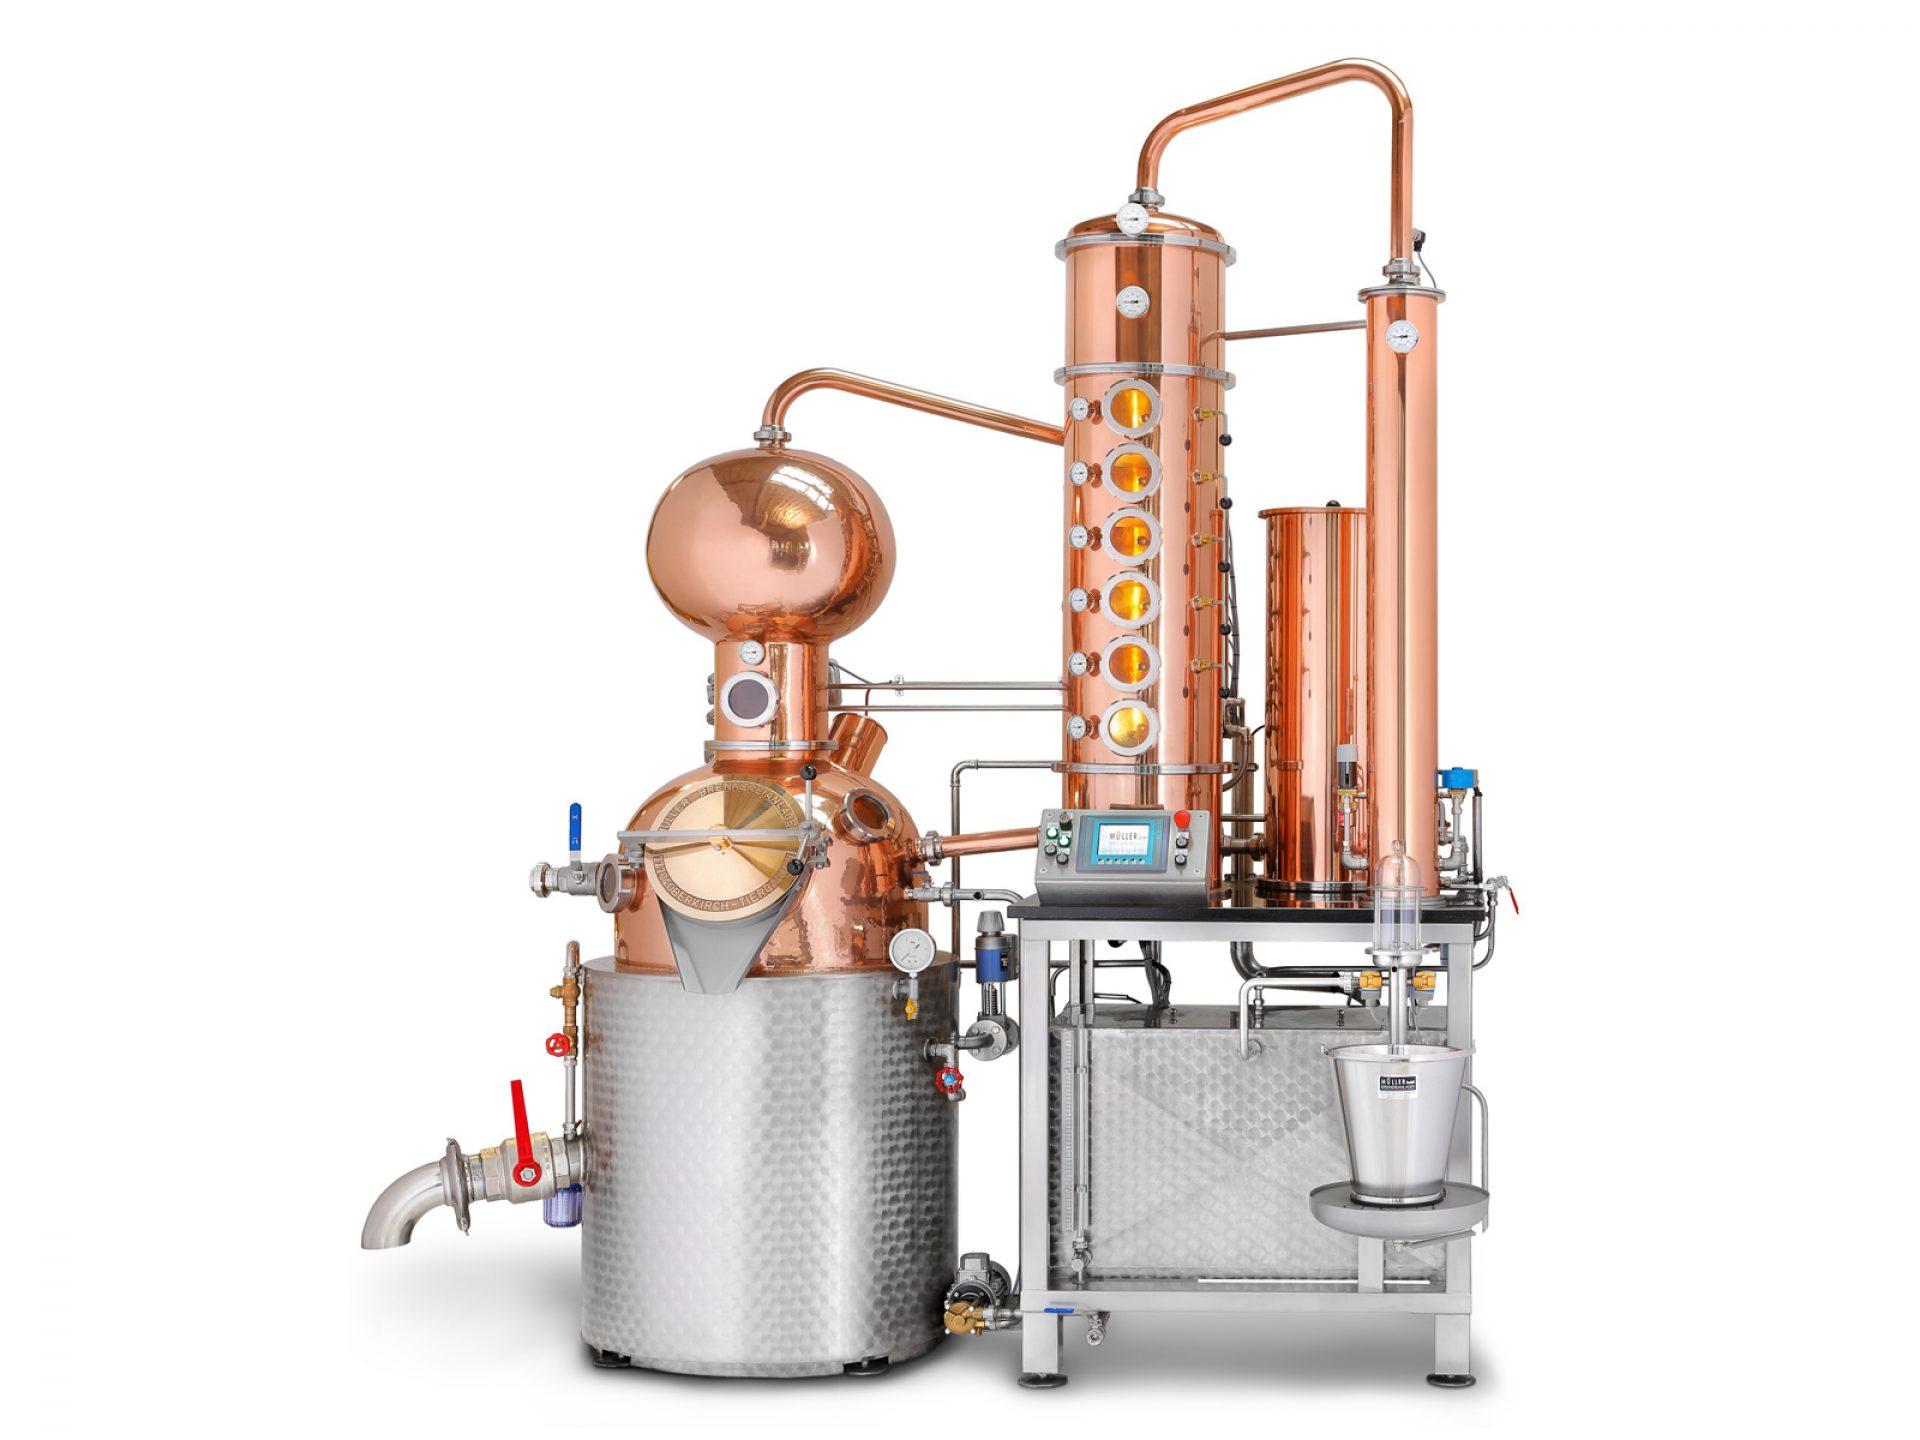 mueller-aroma-brennereianlagen-slider-1920-1200-3